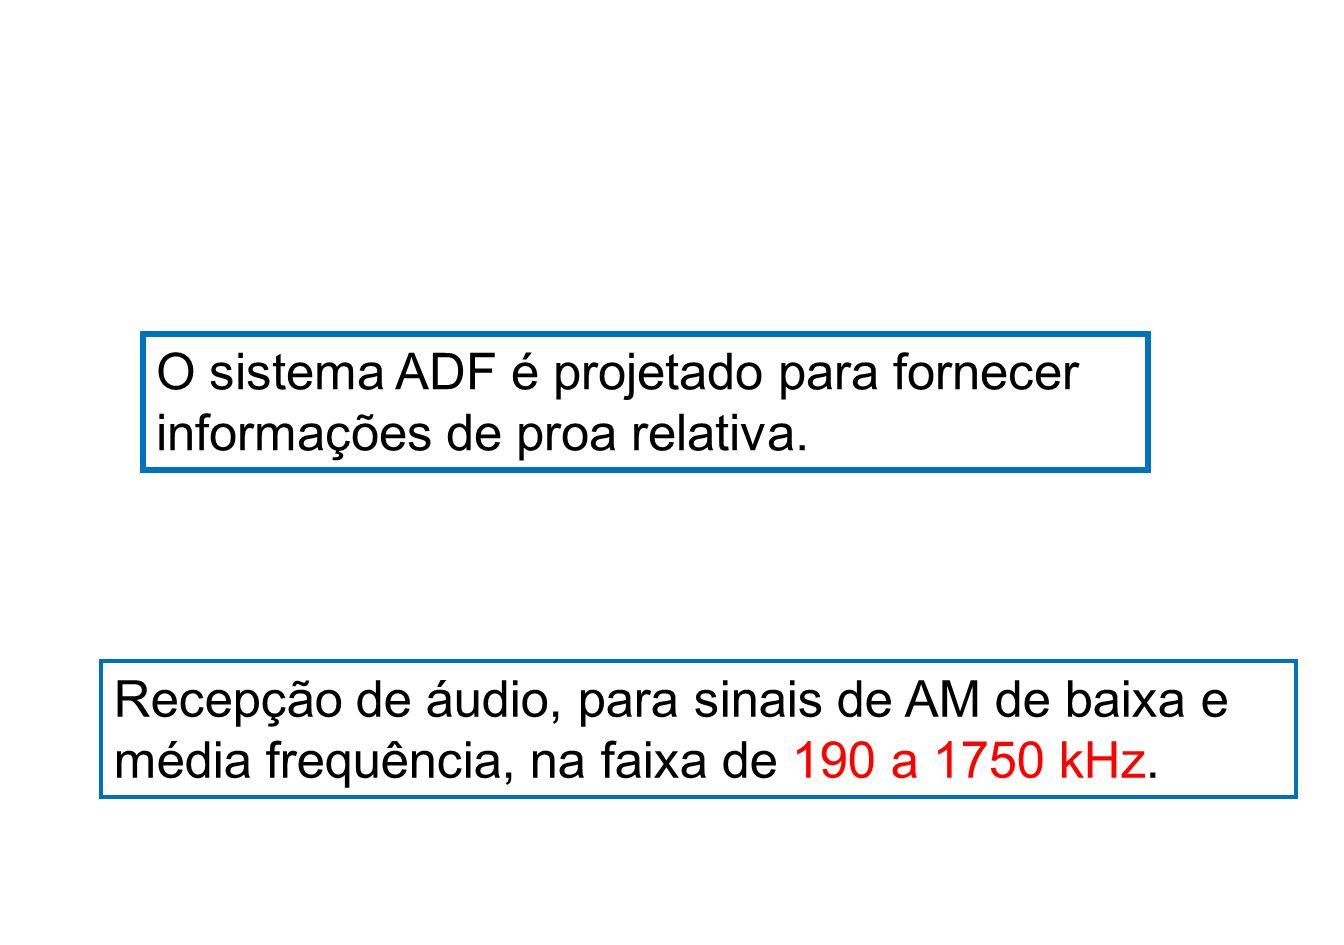 O sistema ADF é projetado para fornecer